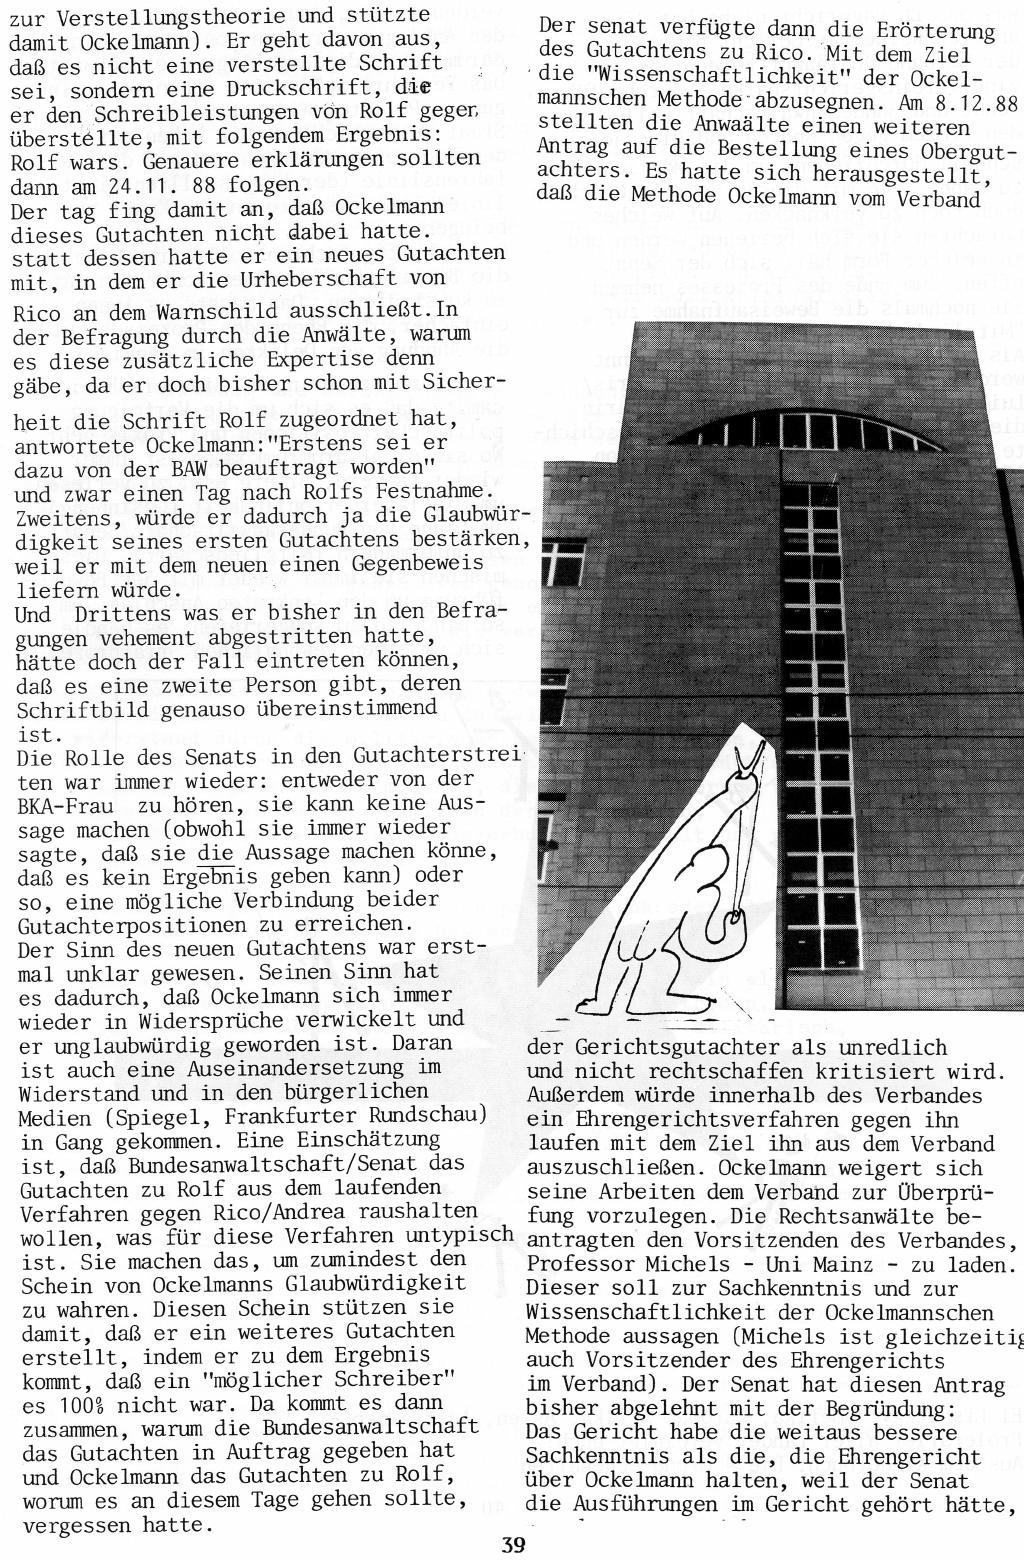 Duesseldorf_1989_Sechs_Politische_Gefangene_039